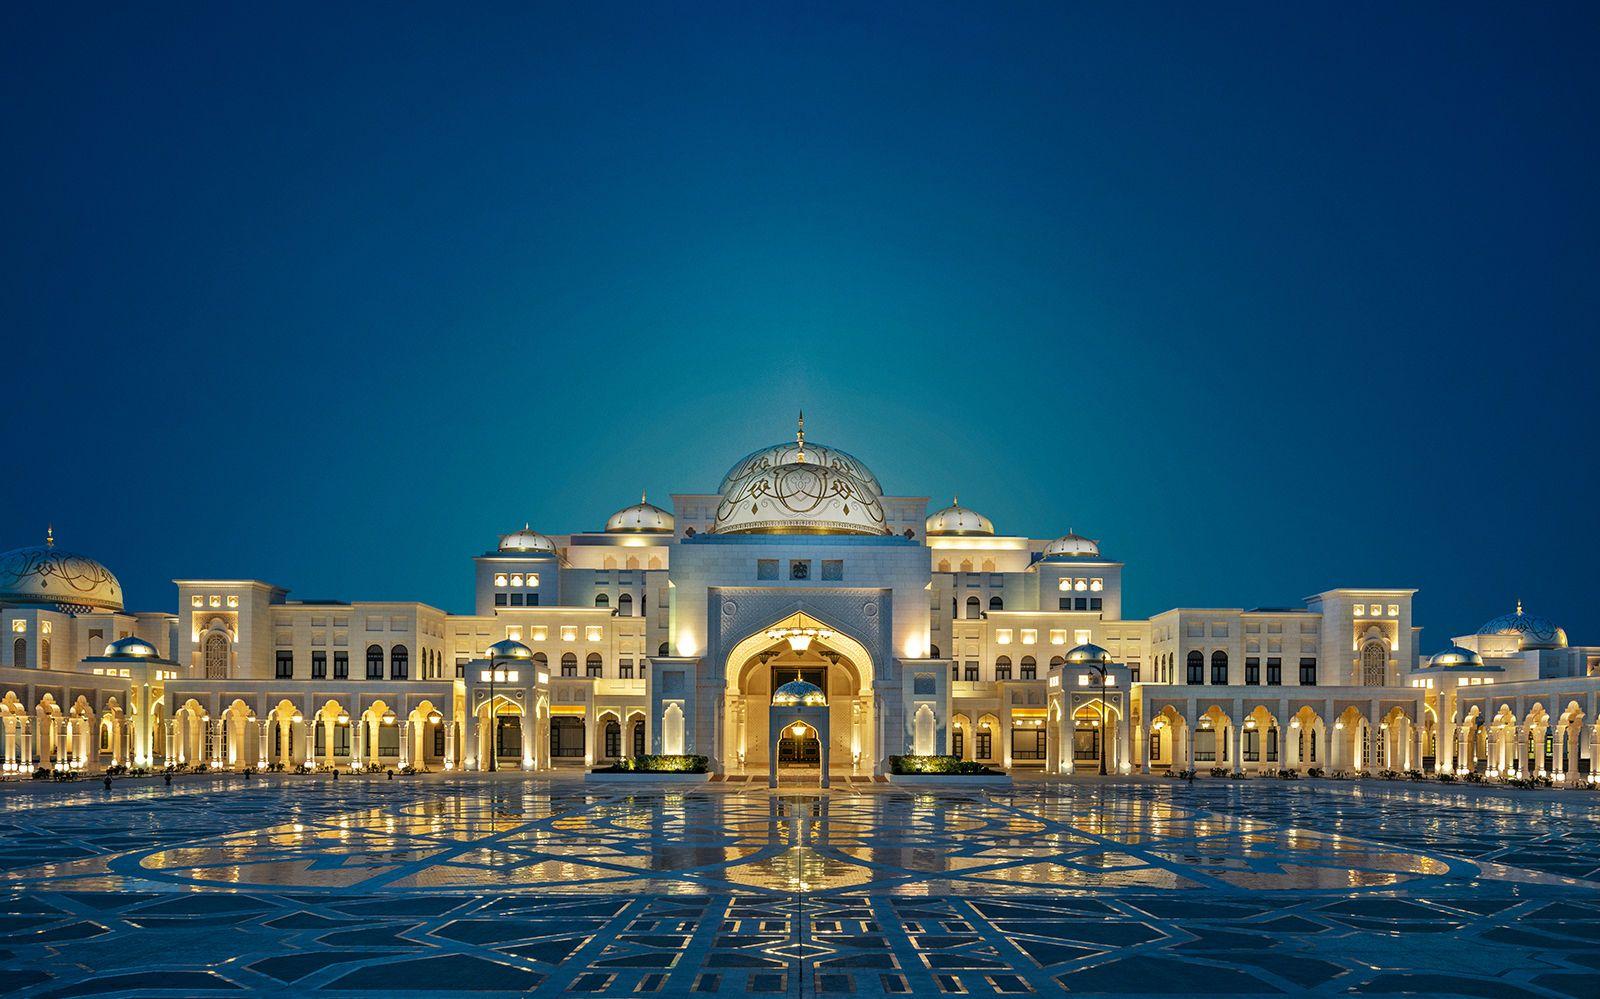 Королевский дворец Qasr Al Watanв Абу-Даби